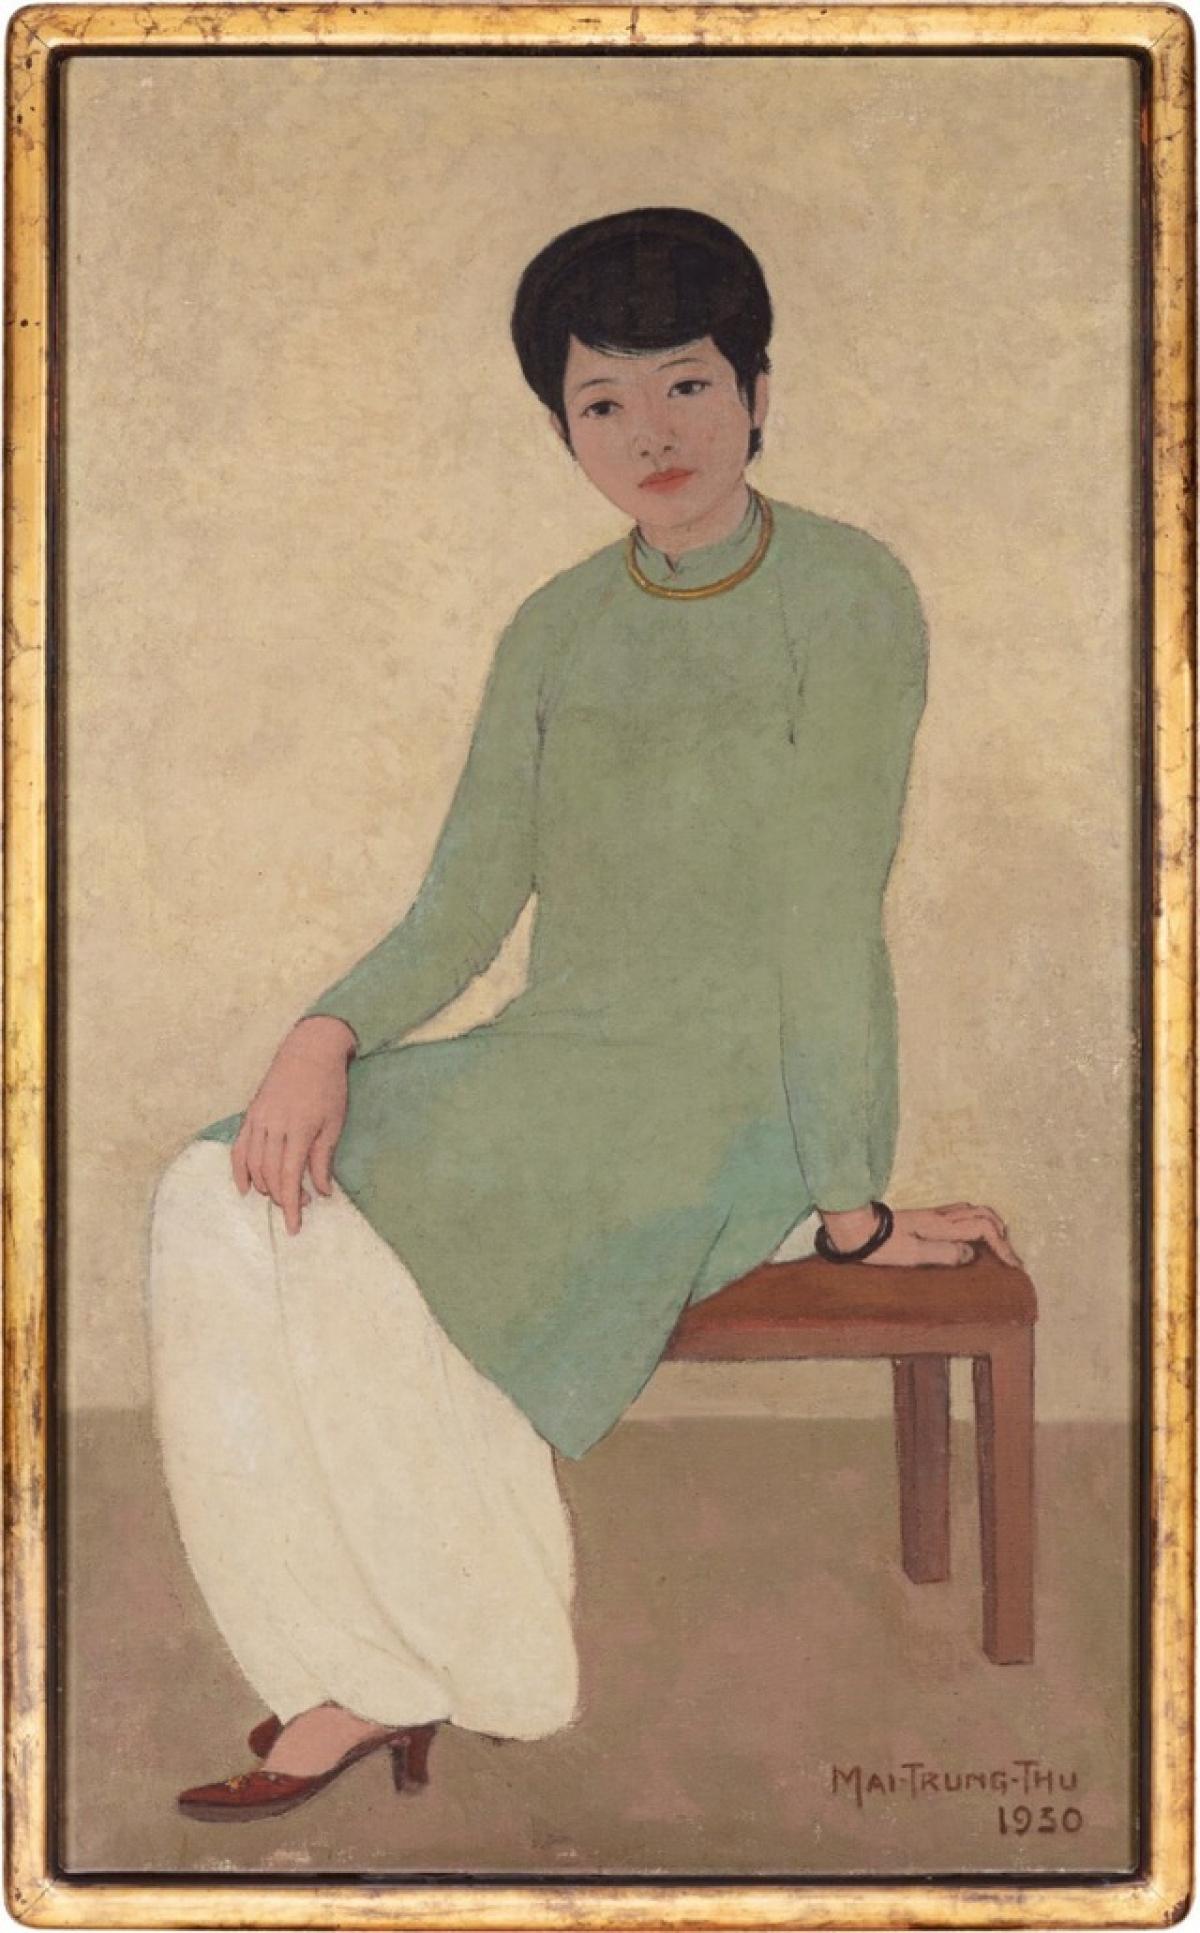 """""""Portrait de Mademoiselle Phuong"""" (tạm dịch:""""Chân dung cô Phương"""") - bức tranh sơn dầu quý hiếm của họa sĩ Mai Trung Thứ - vừa đạt mức giá kỷ lục 3,1 triệu USD trong phiên đấu giá """"Beyond Legends: Modern Art Evening Sale"""" tại Sotheby's Hong Kong."""